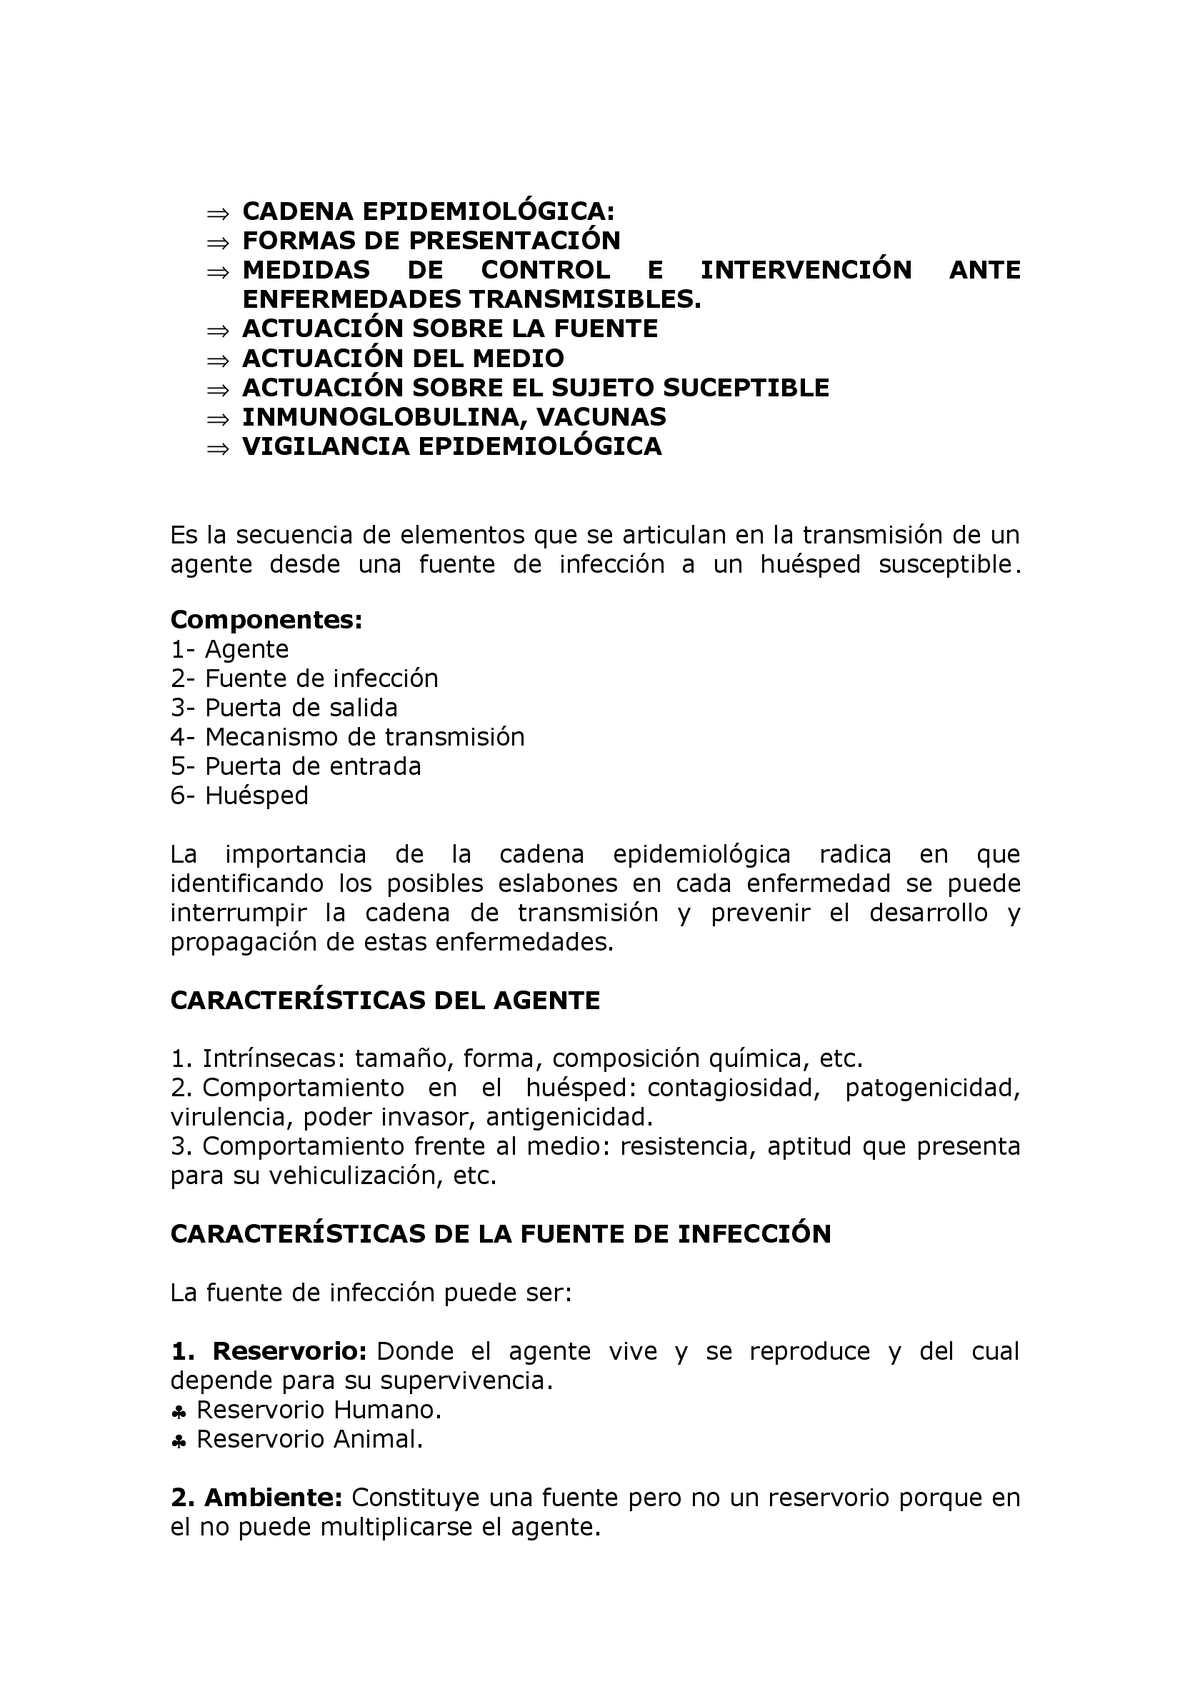 Calaméo - CADENA EPIDEMIOLÓGICA e8319123187